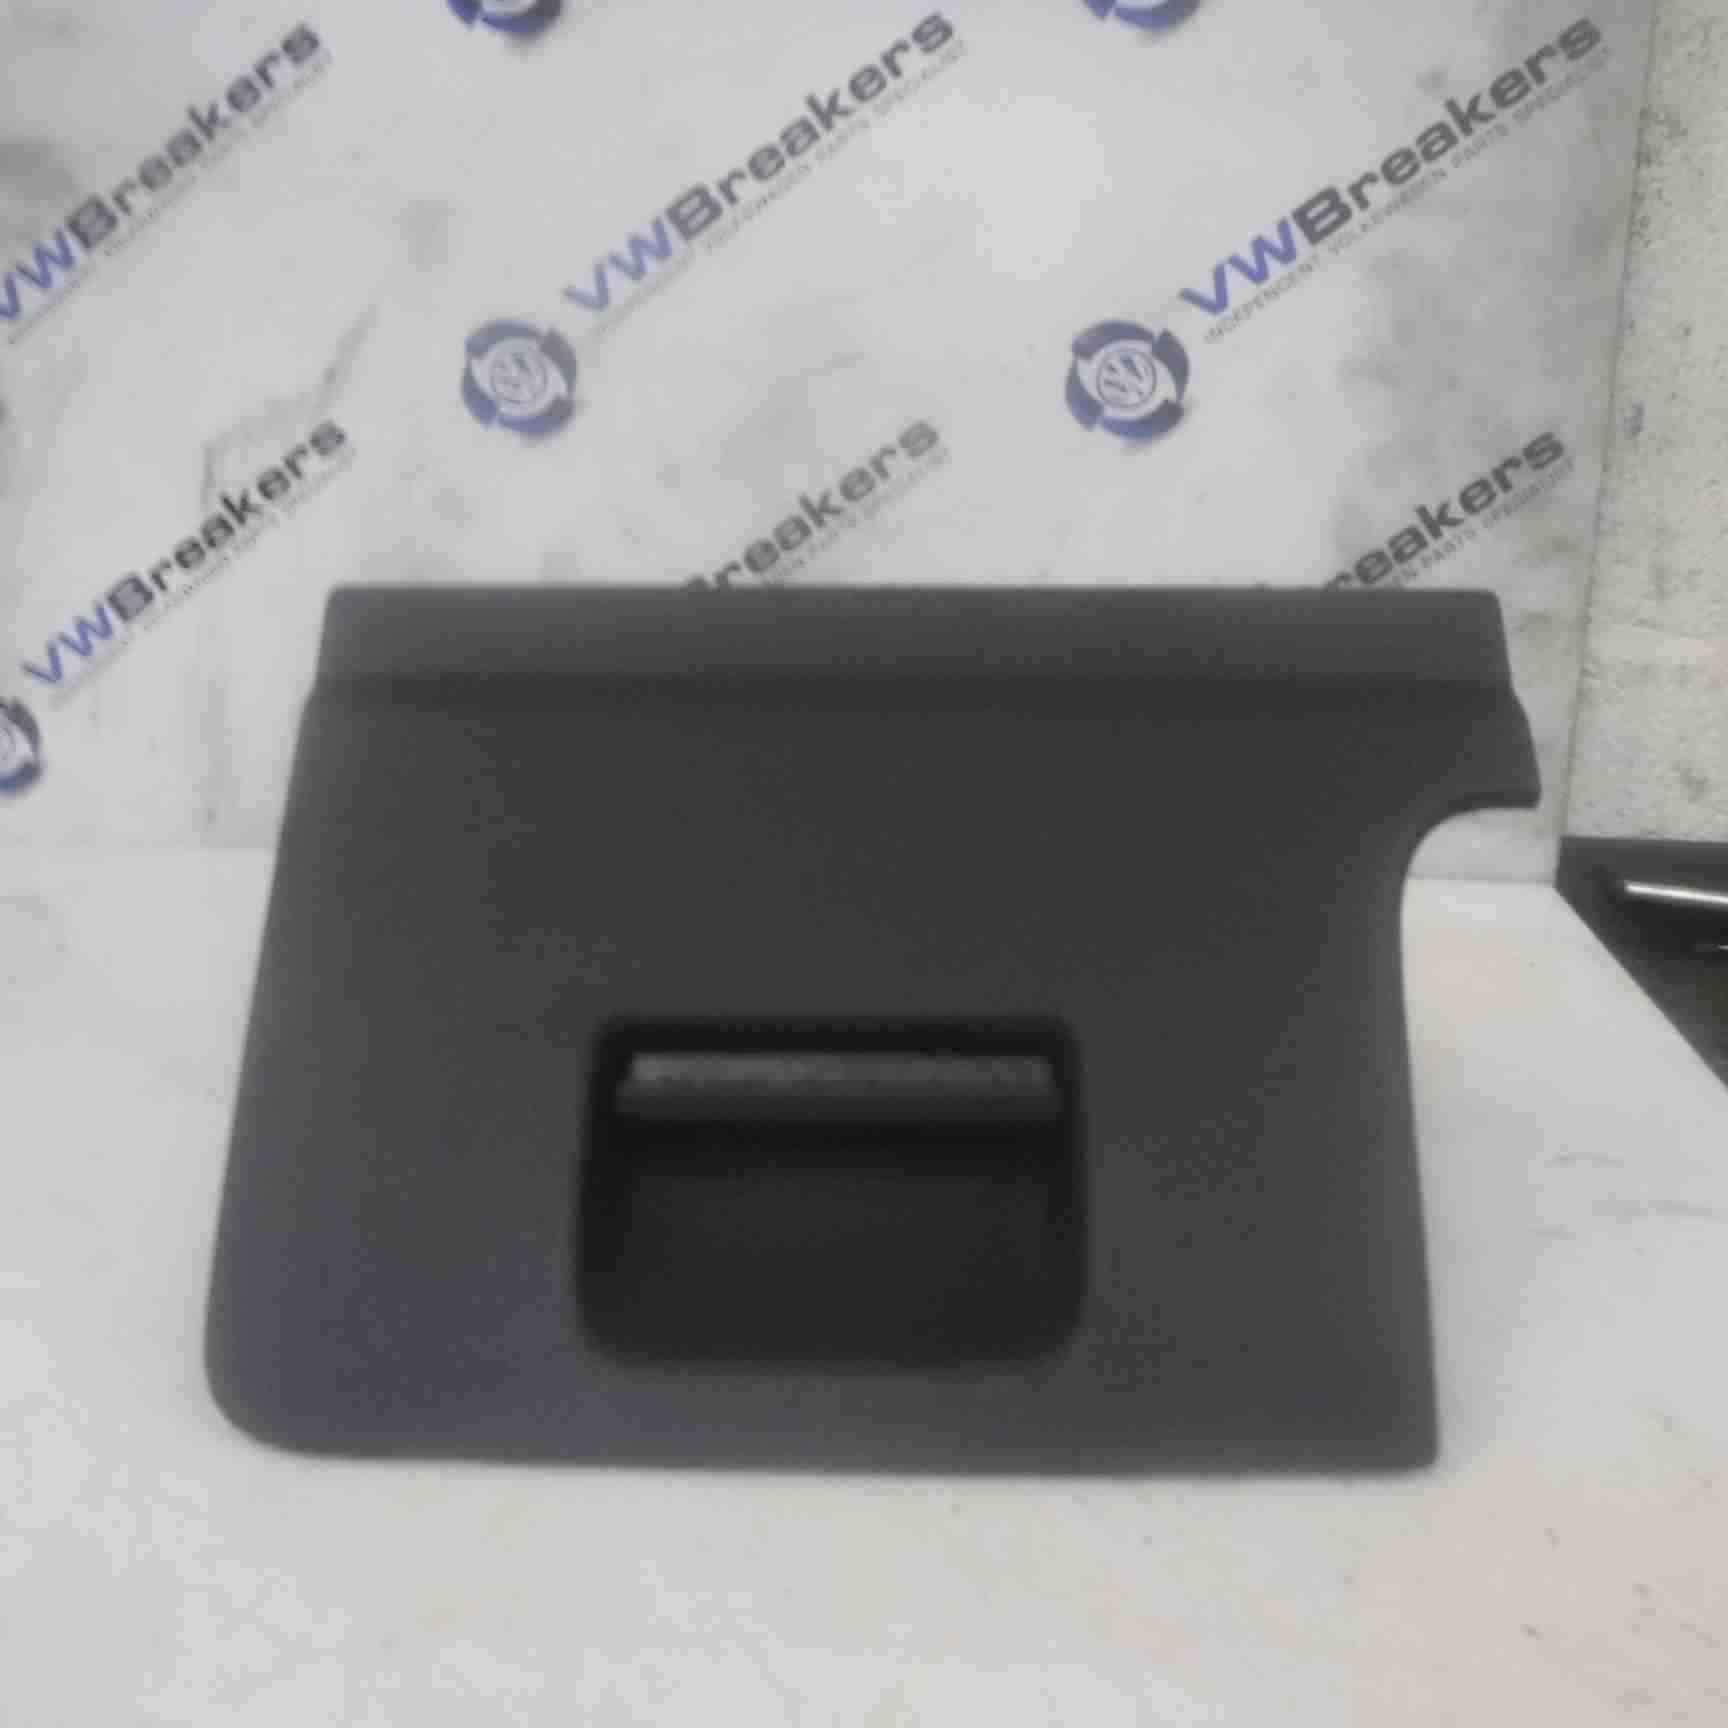 Volkswagen Golf MK5 2003-2009 Storage Tray Glove Box Lid 5k2857919D